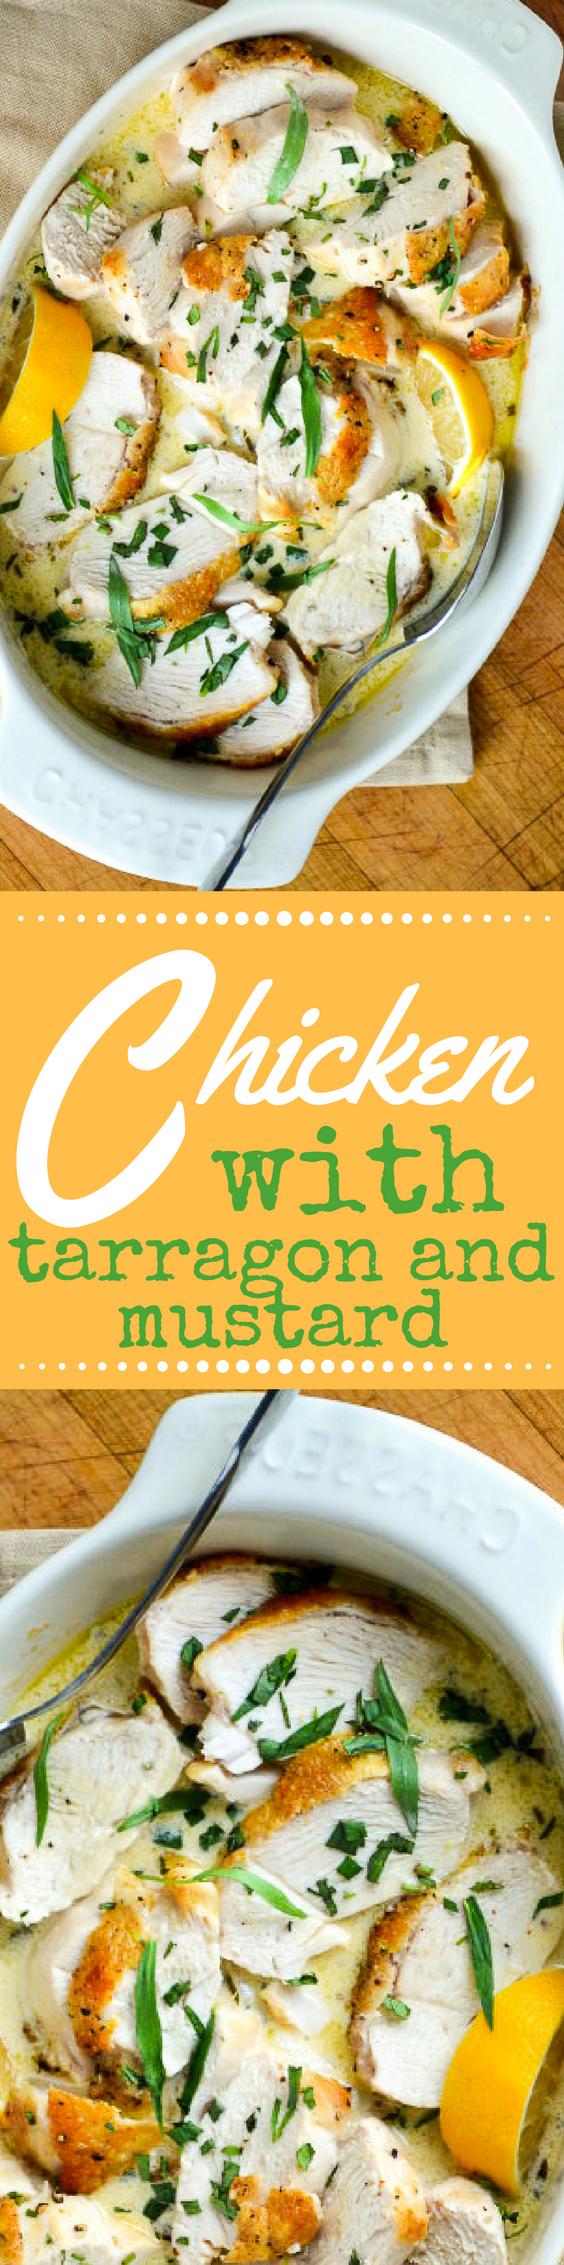 Las pechugas de pollo asadas con salsa de estragón y mostaza son comidas rápidas y fáciles que recuerdan los sabores del Mediterráneo. ~ theviewfromgreatisland.com